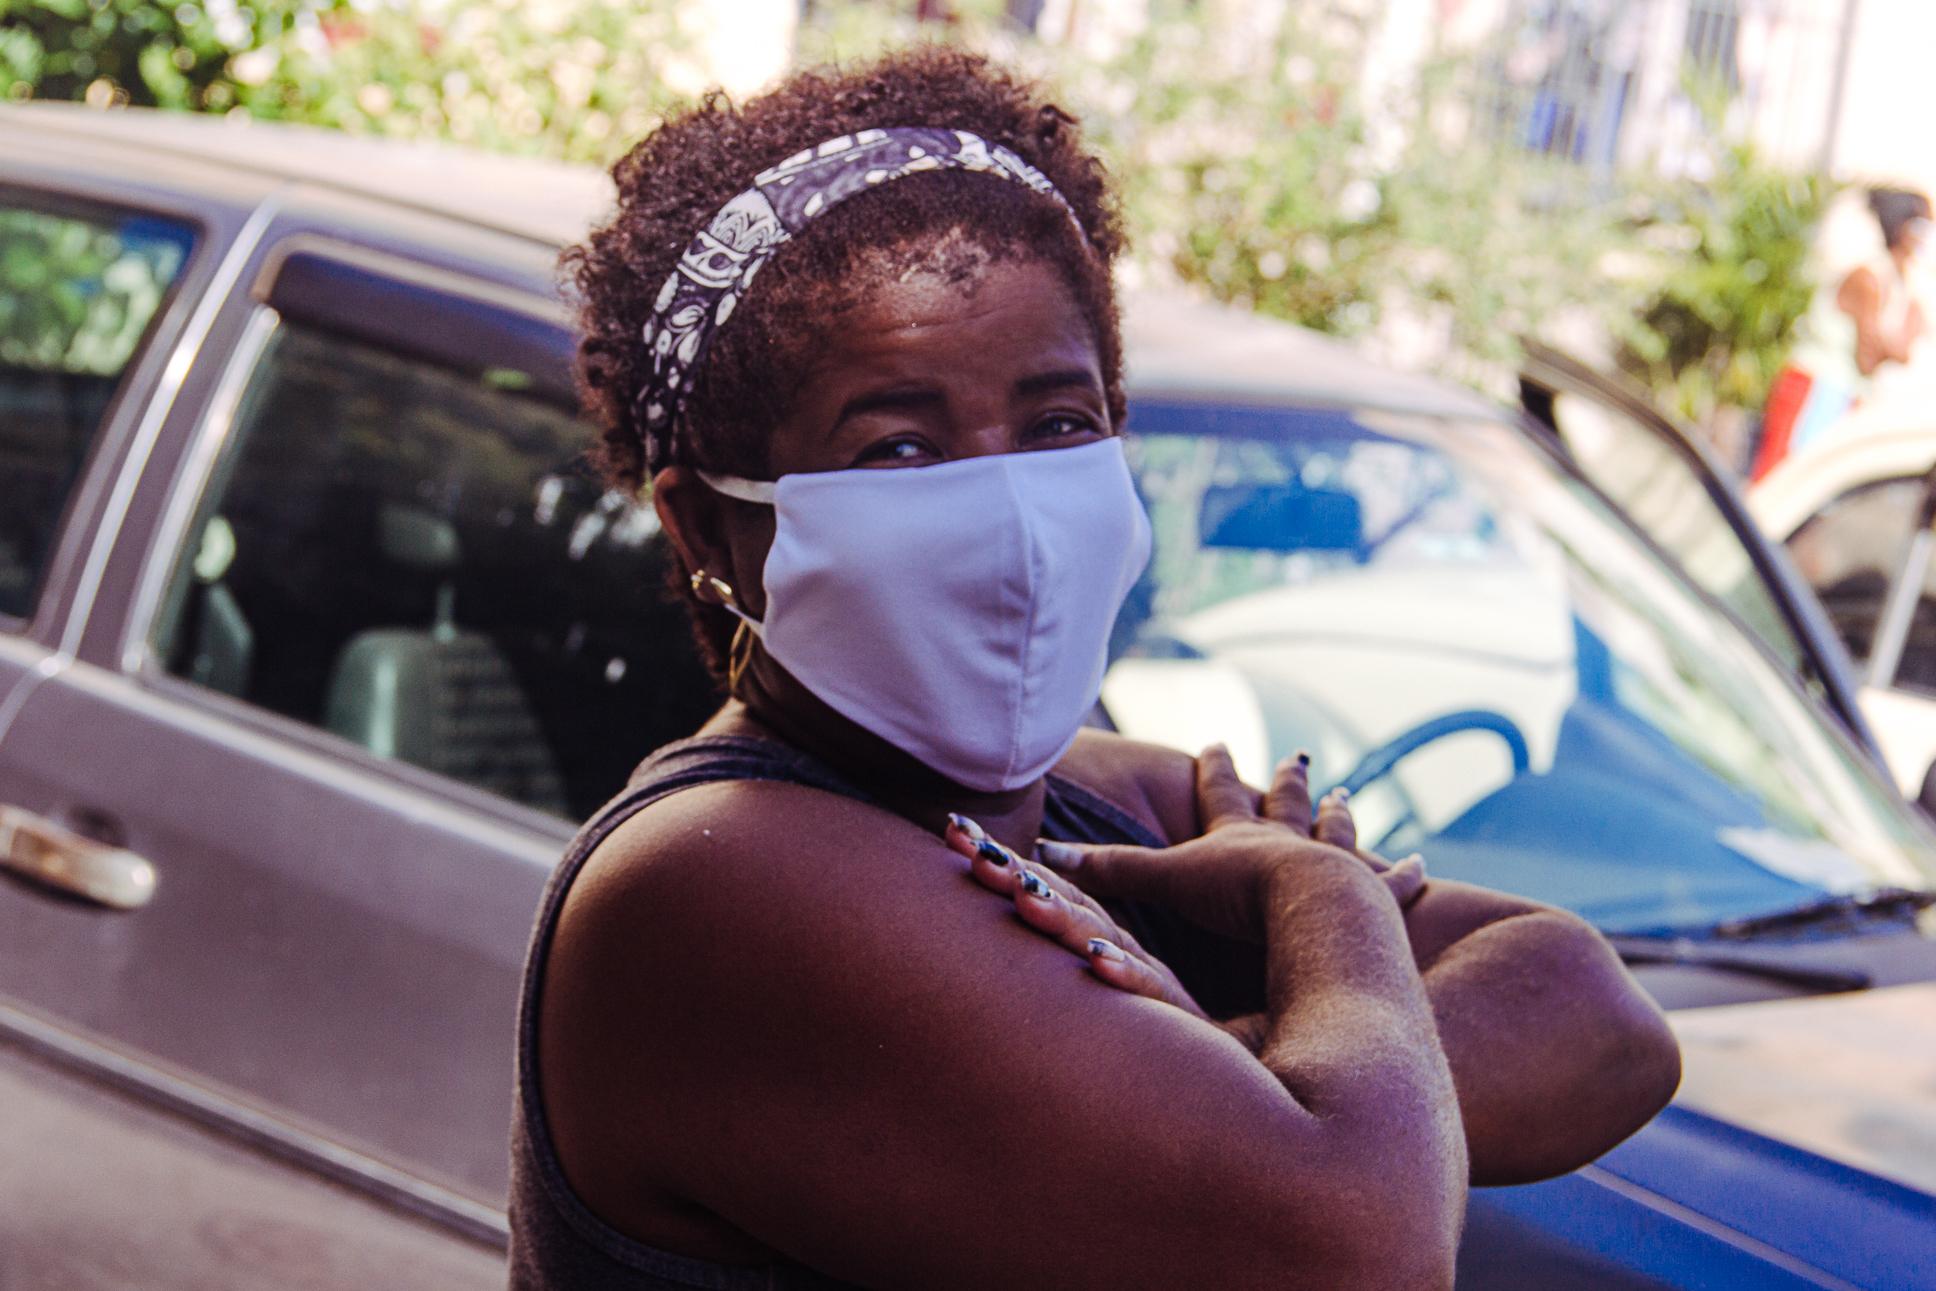 Concurso de fotografia no Complexo da Maré vai premiar as 5 melhores imagens na quarentena; Veja como participar